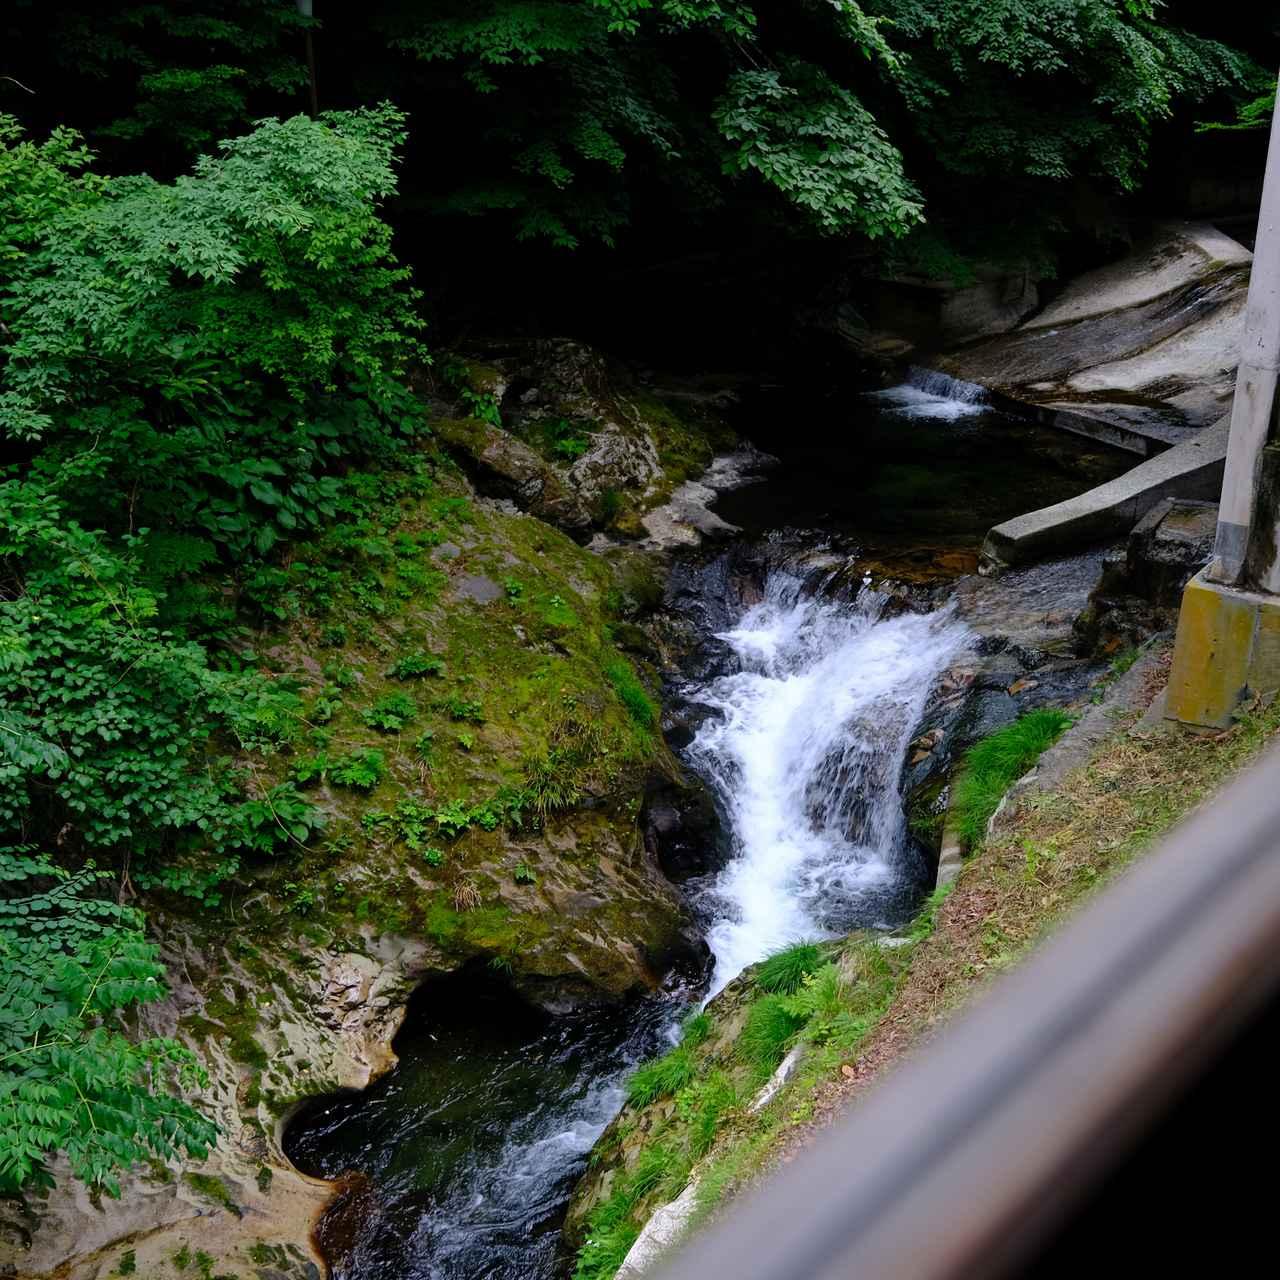 画像: 川のせせらぎが清々しい、岩松旅館。次はぜひ滞在してみたい!